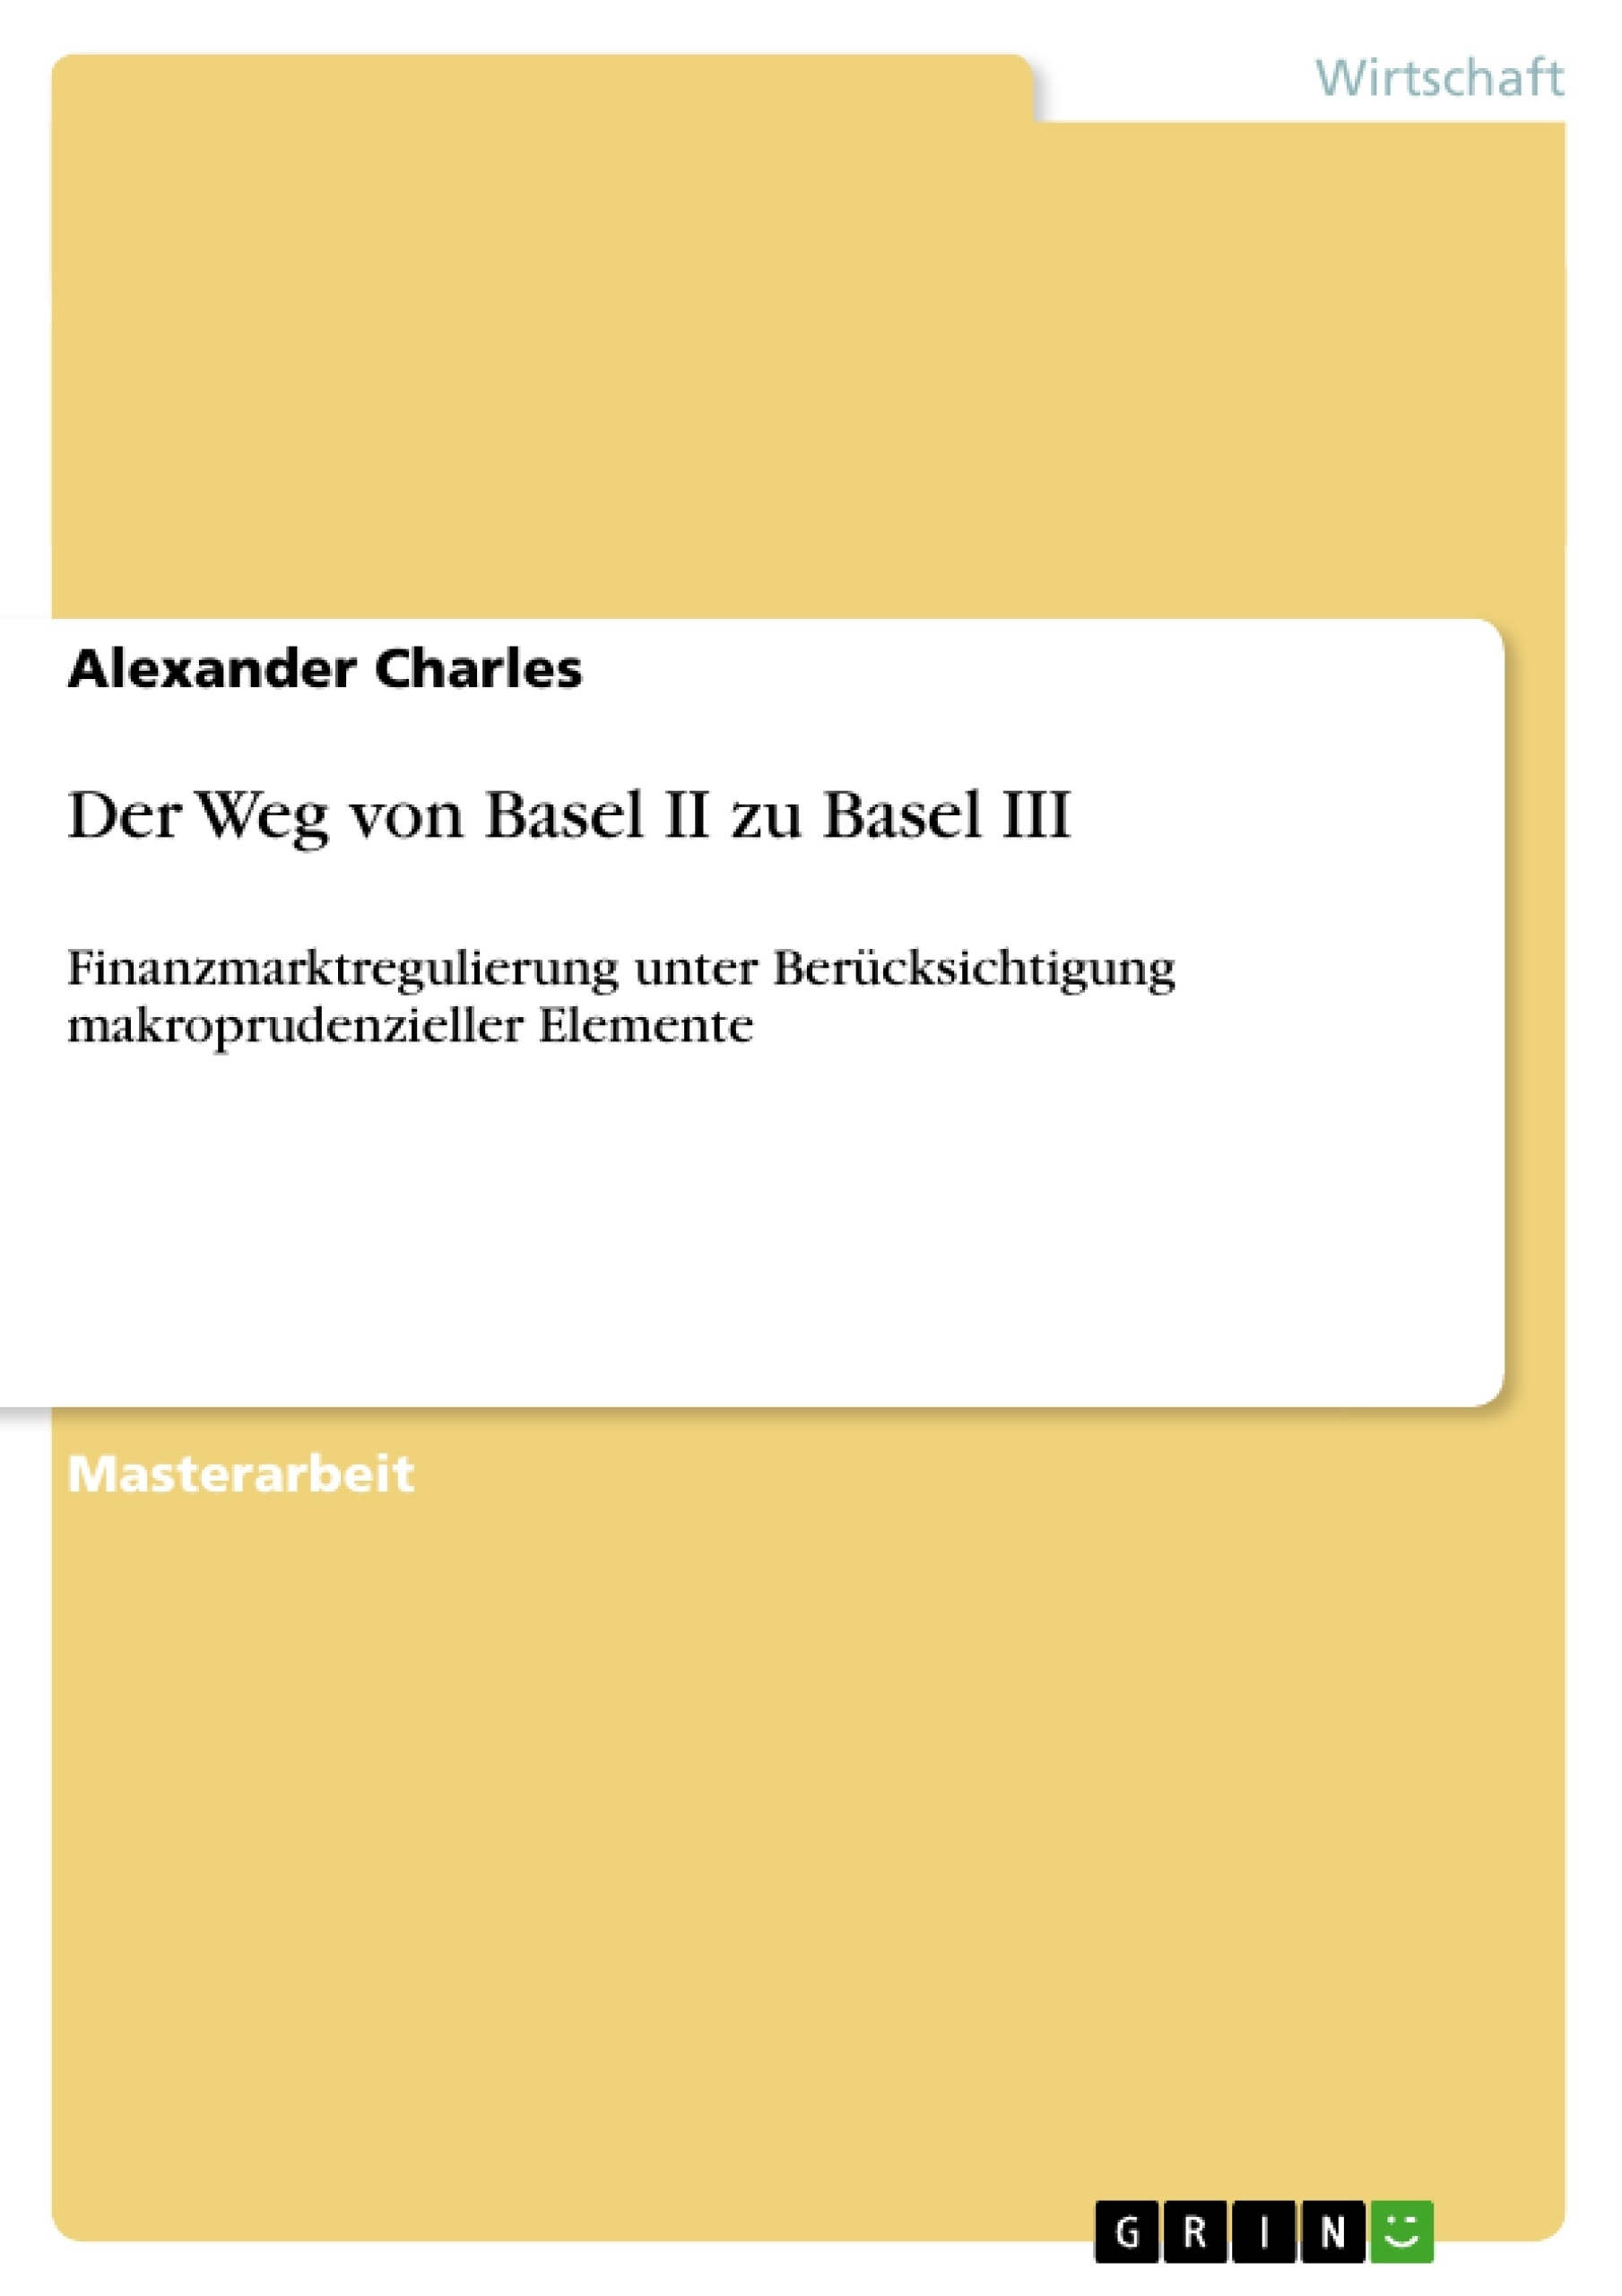 Titel: Der Weg von Basel II zu Basel III